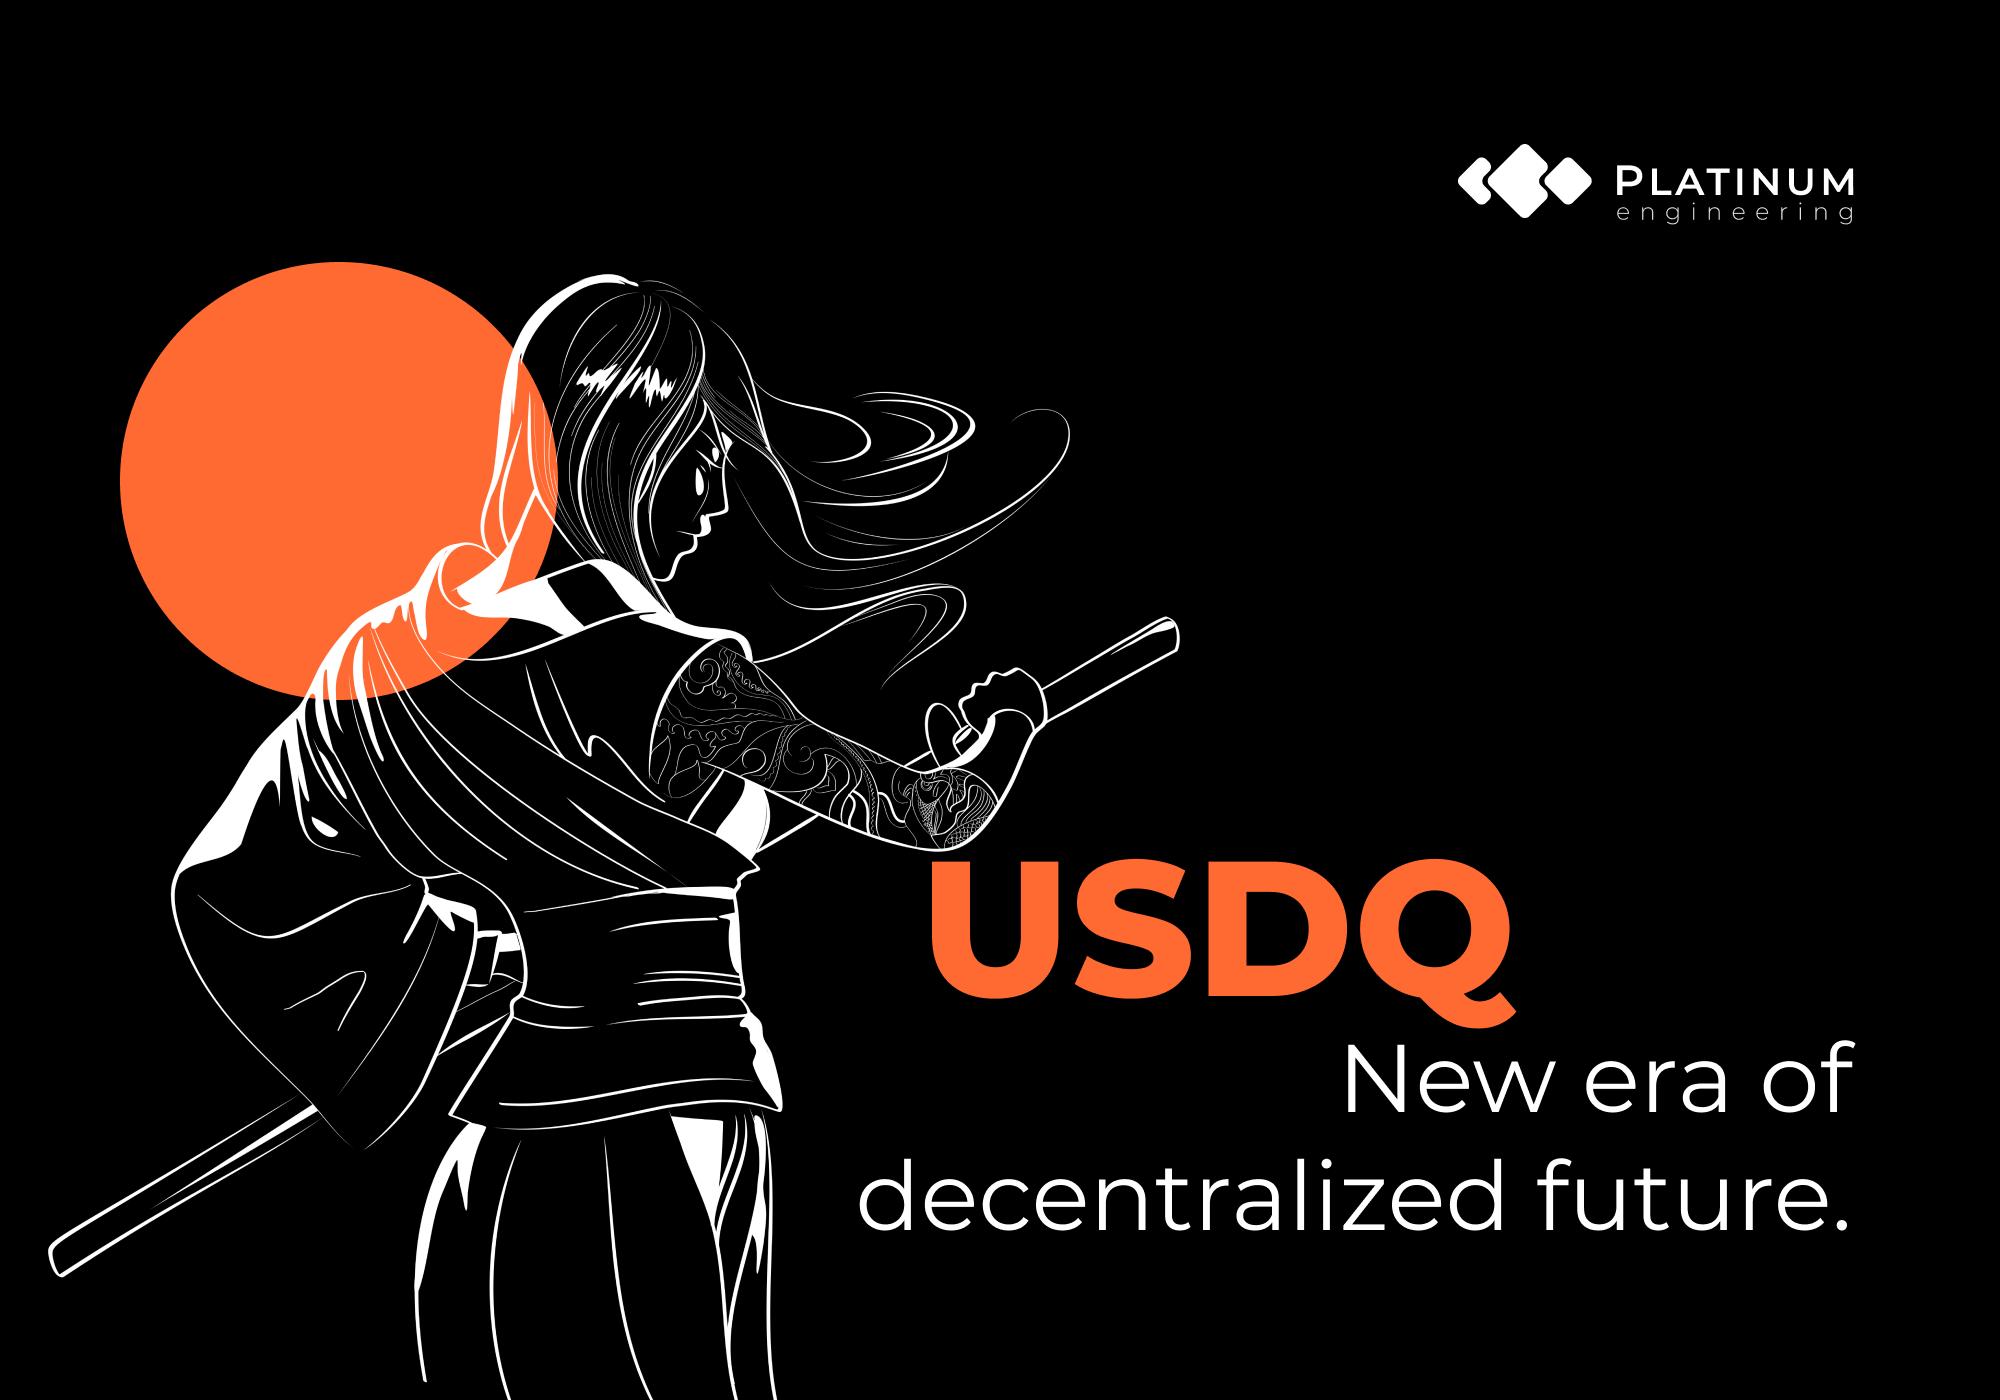 What makes USDQ so unique?